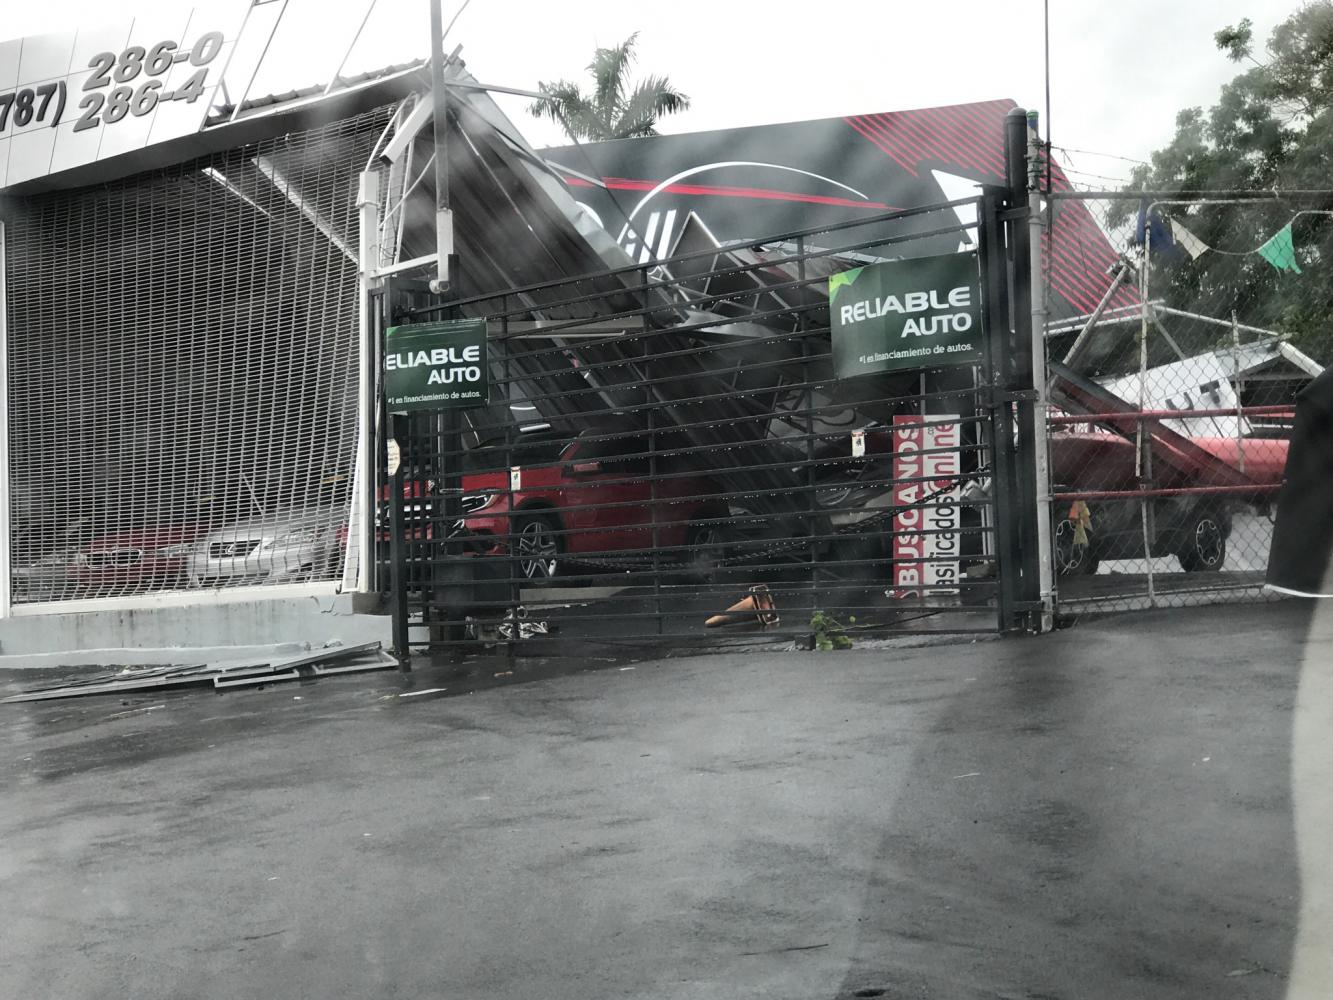 Photo courtesy of Ali De Luca Damage to an auto shop in Puerto Rico.